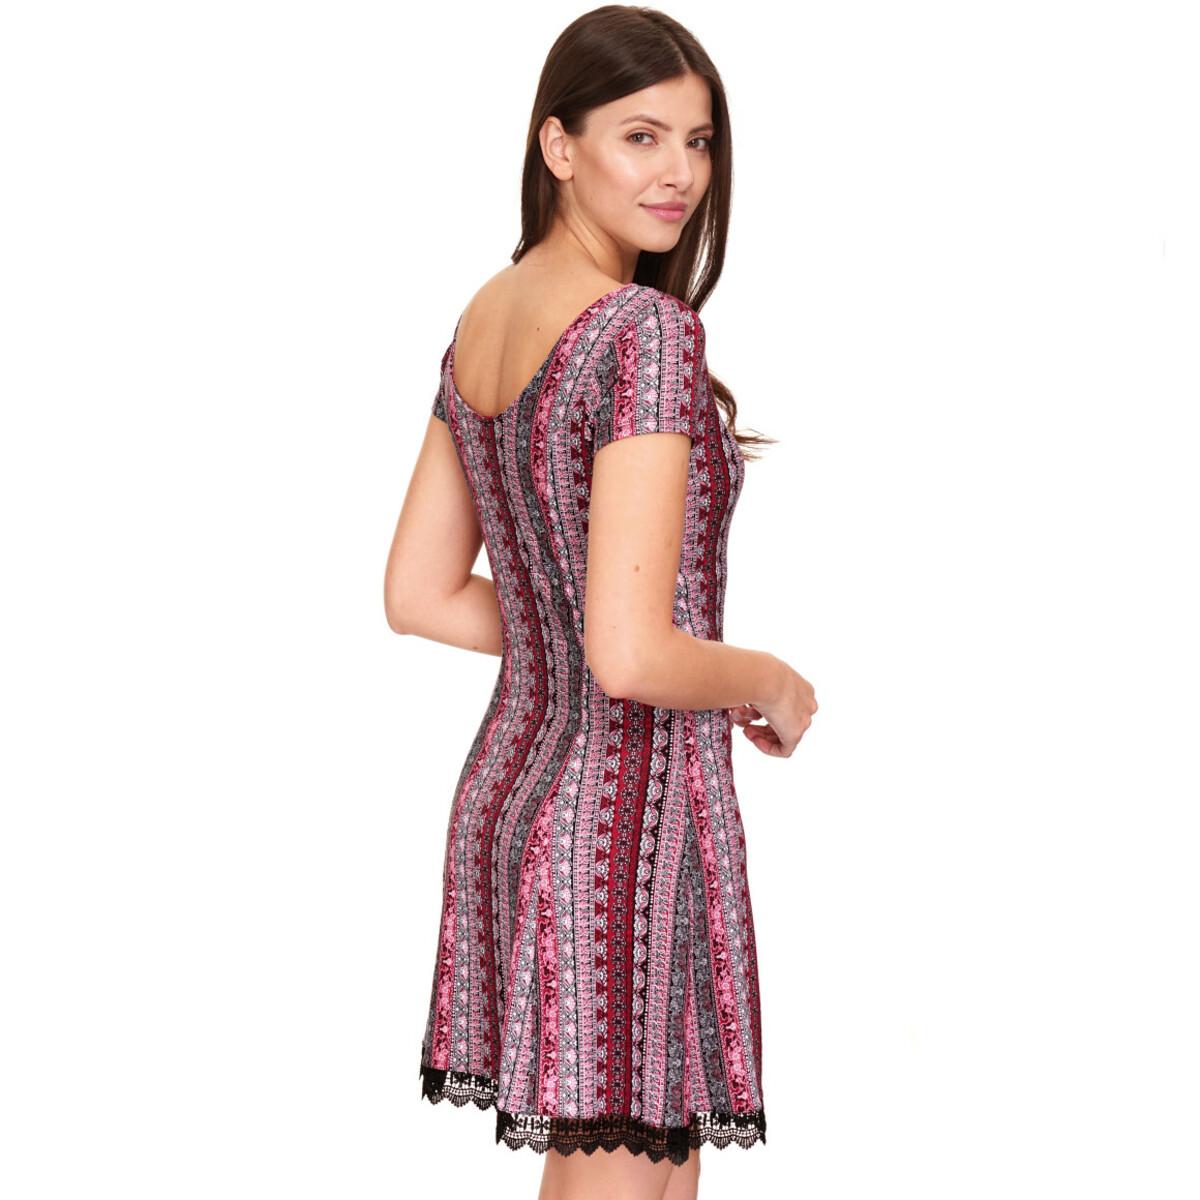 Bild 3 von Damen Kleid mit Spitze